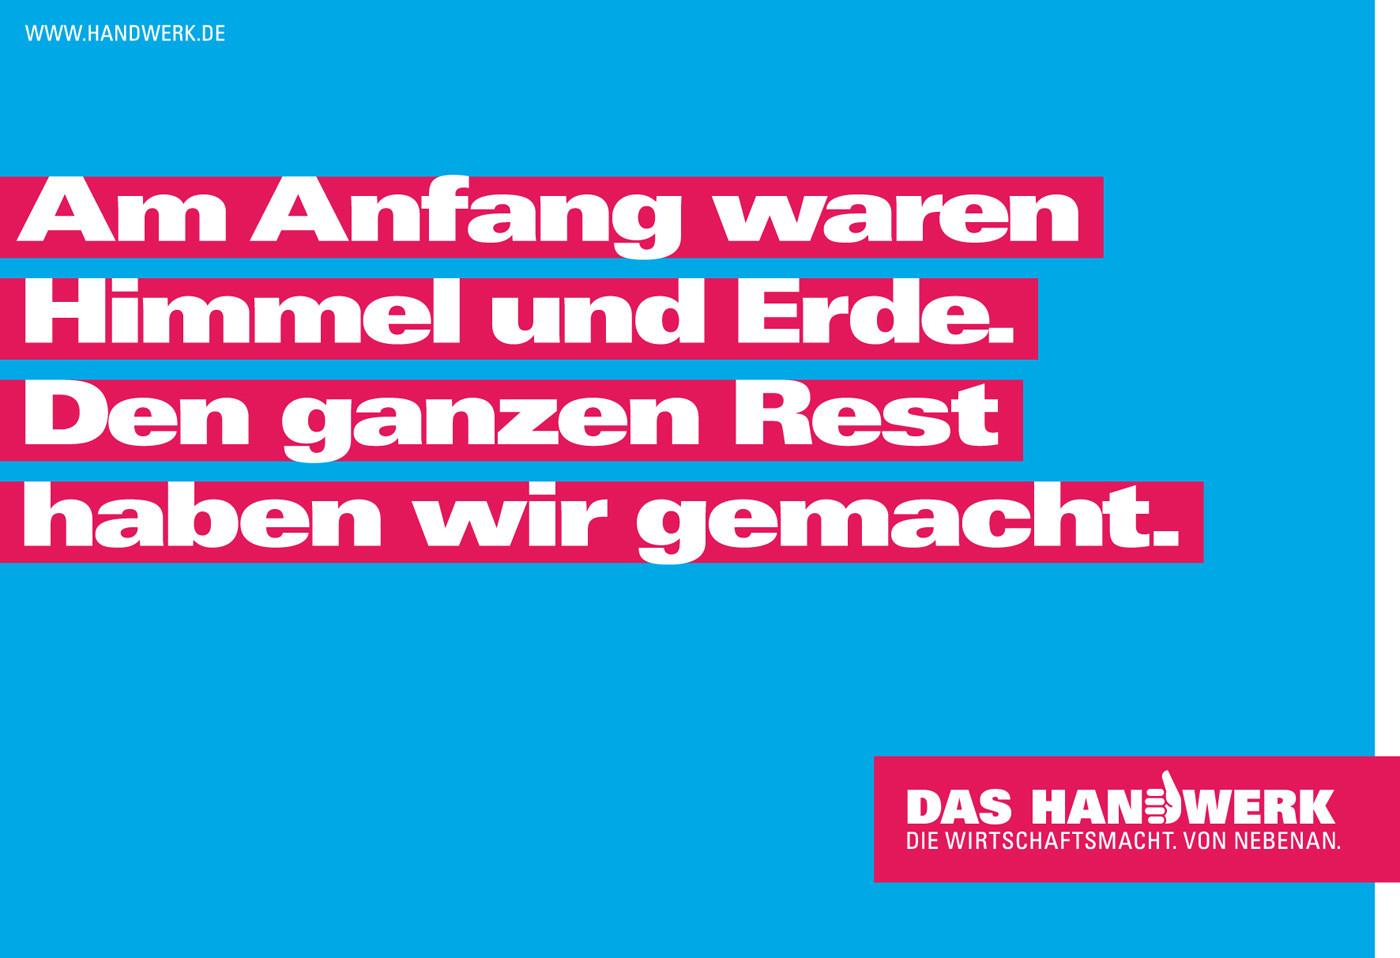 Zulassungsfreies Handwerk Ohne Gesellenbrief  Deutsches Handwerk Scholz & Friends